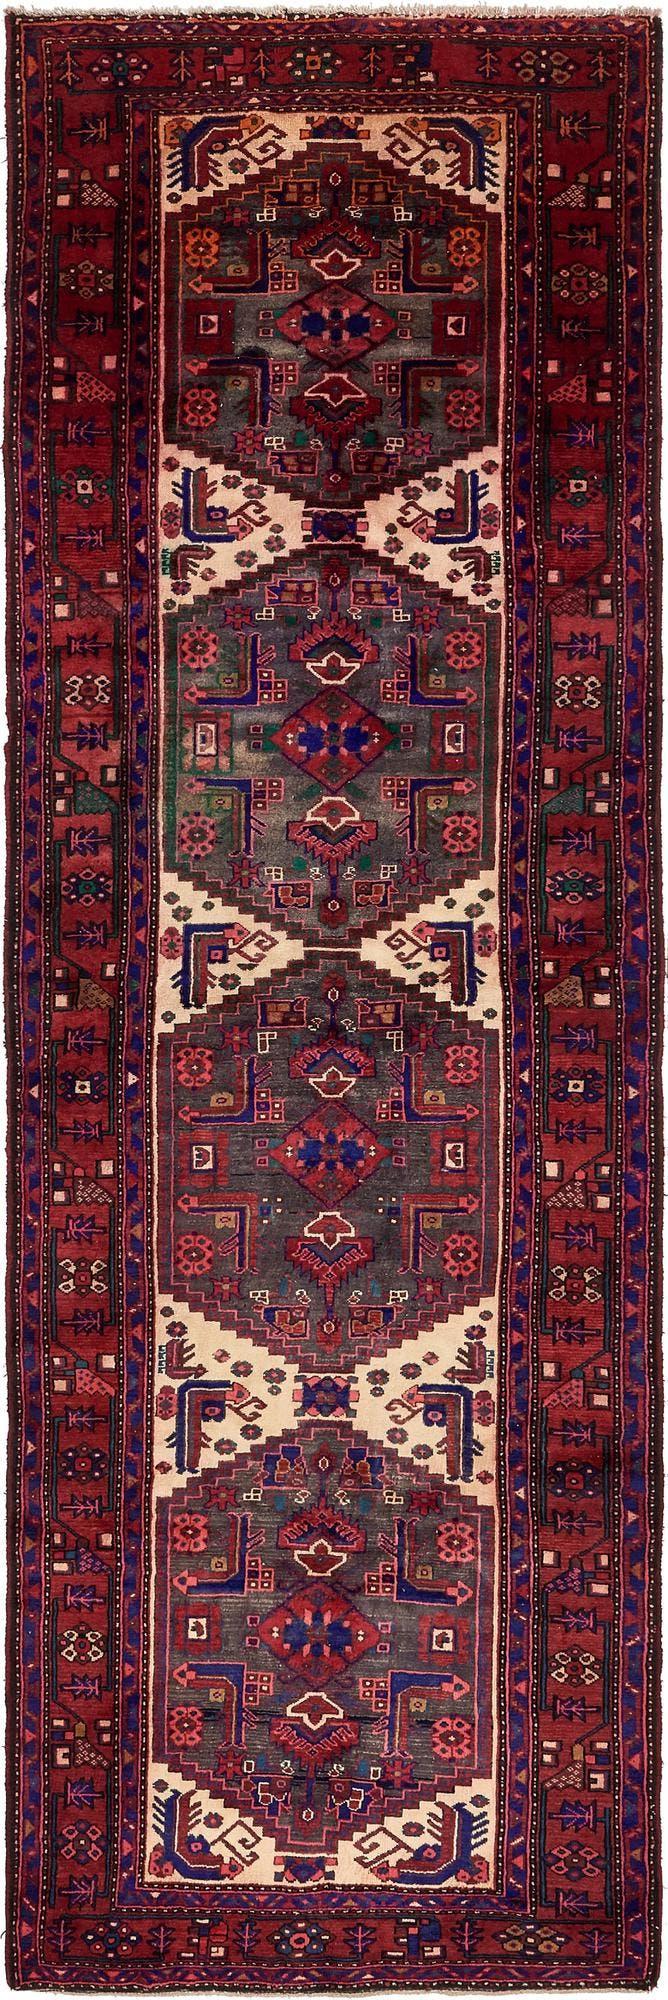 4' 1 x 13' Zanjan Persian Runner Rug main image